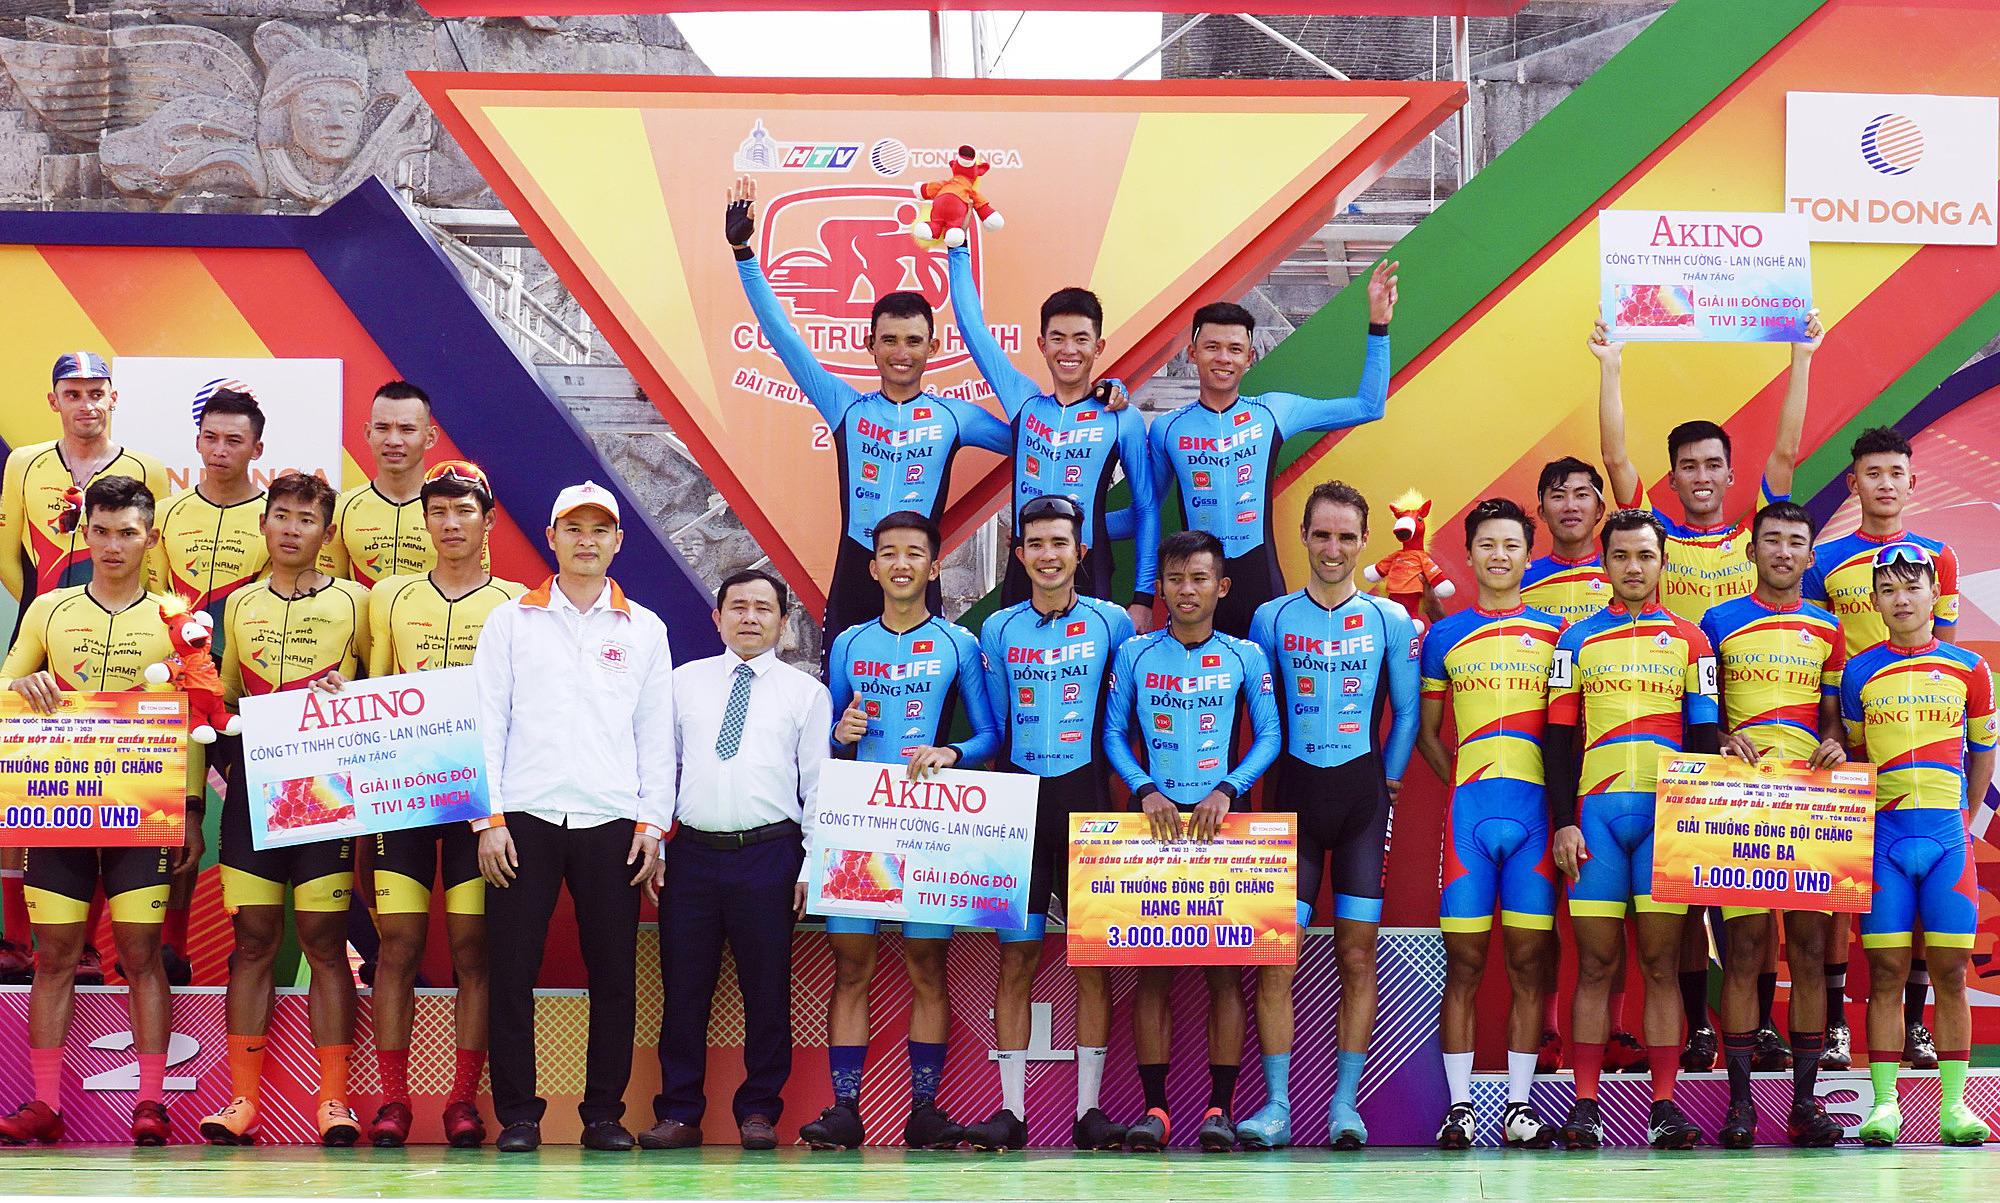 Đội Đồng Nai (giữa) lần đầu tiên soán ngôi TP HCM (trái) ở nội dung đồng đội tính giờ. Ảnh: Văn Thuận.